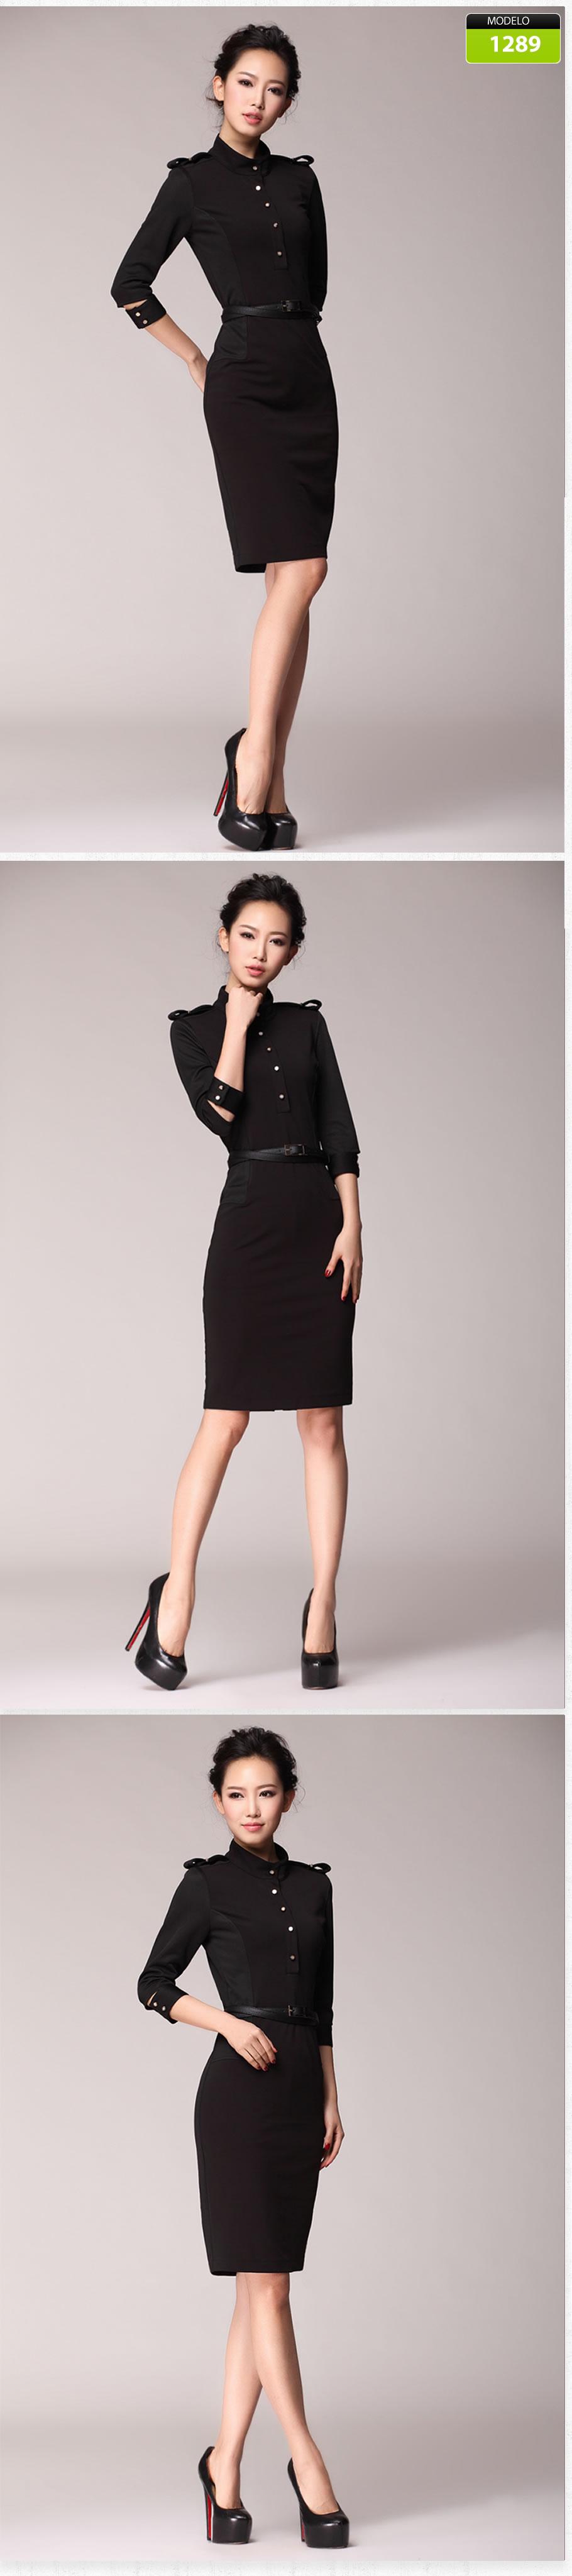 Vestido 1289 Importado (no Chino) Todas Las Tallas -   203.000 en Mercado  Libre 635a114485a0